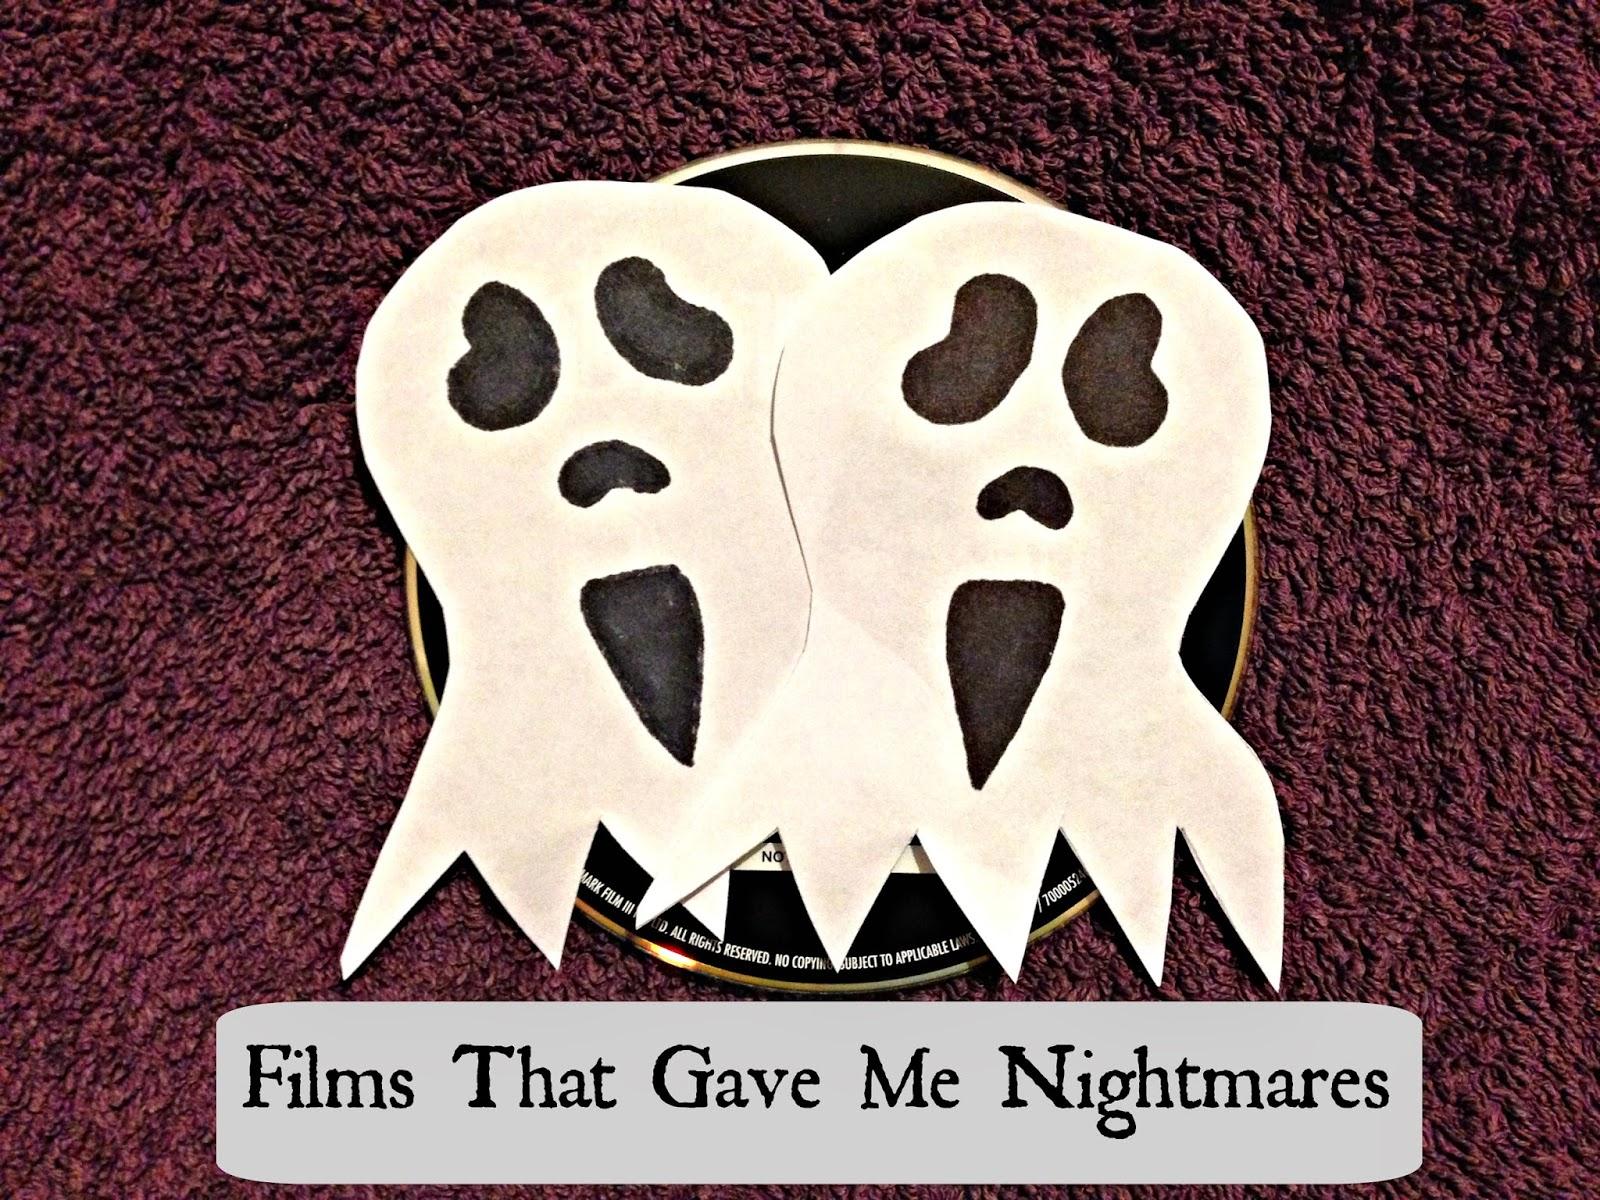 Films That Gave Me Nightmares